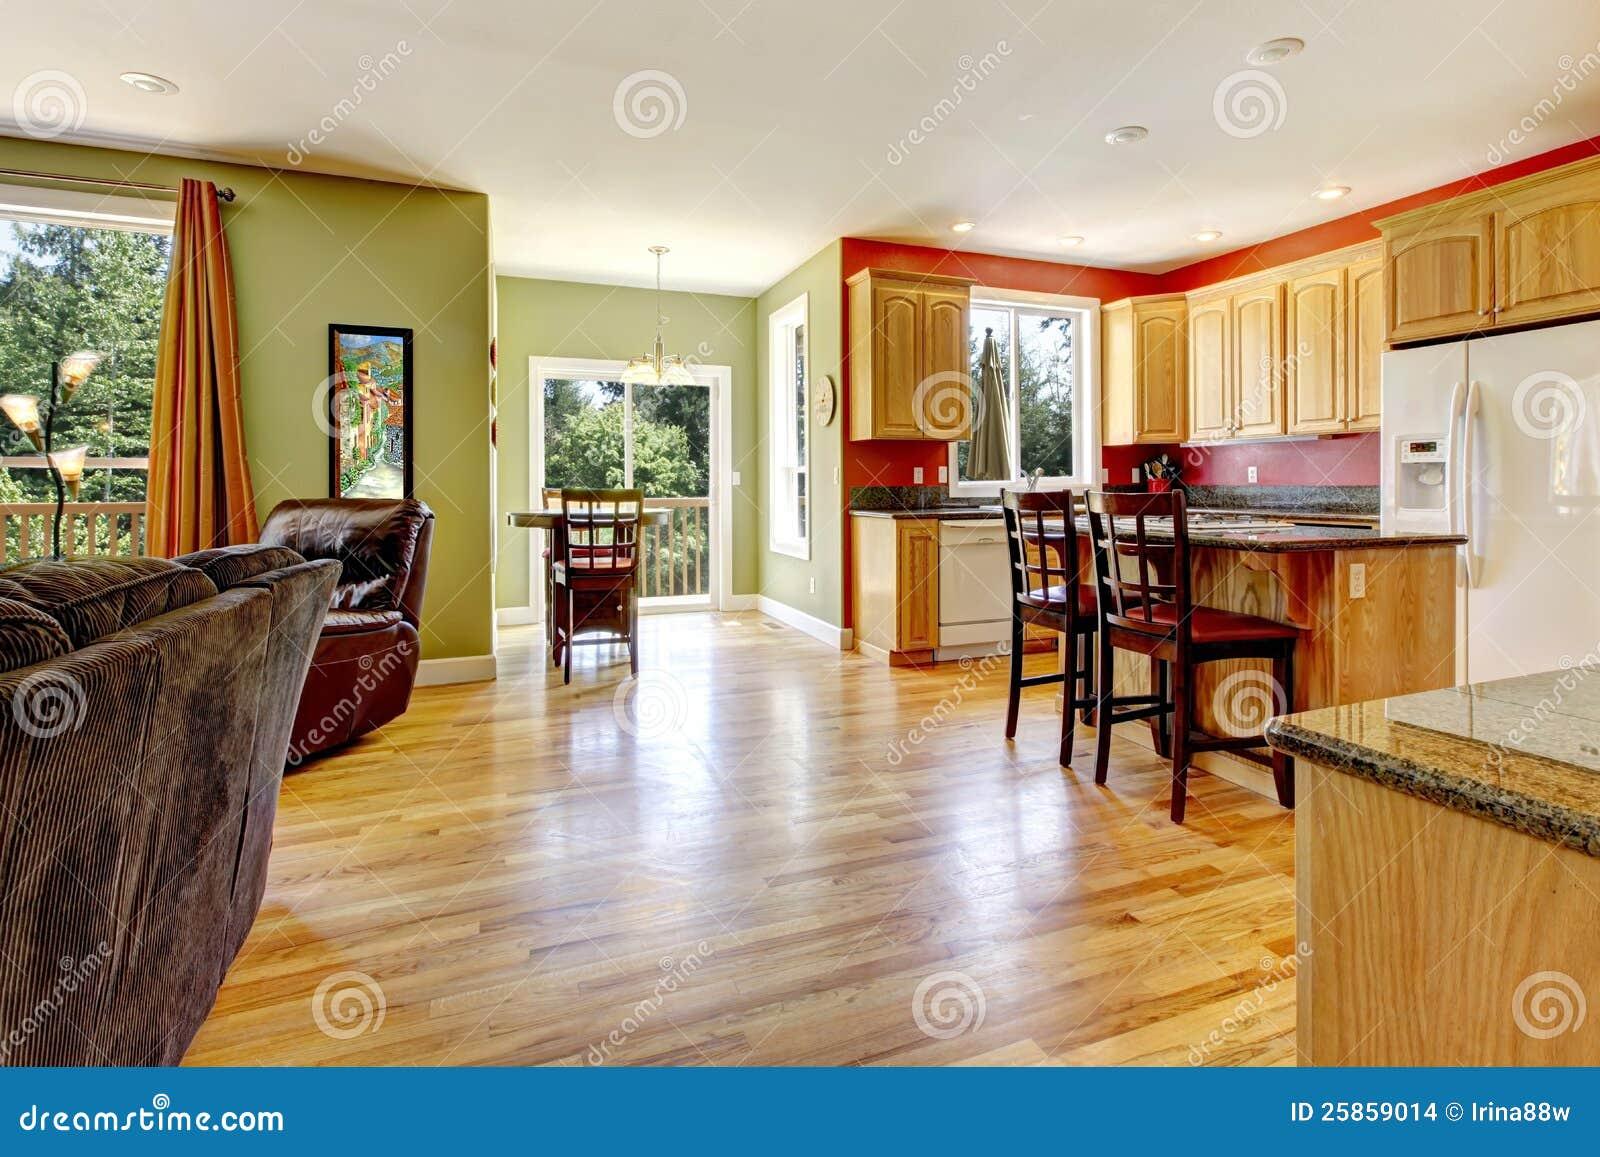 Fußboden In Der Küche ~ Küche mit sniny hölzernem fußboden stockfoto bild von leben